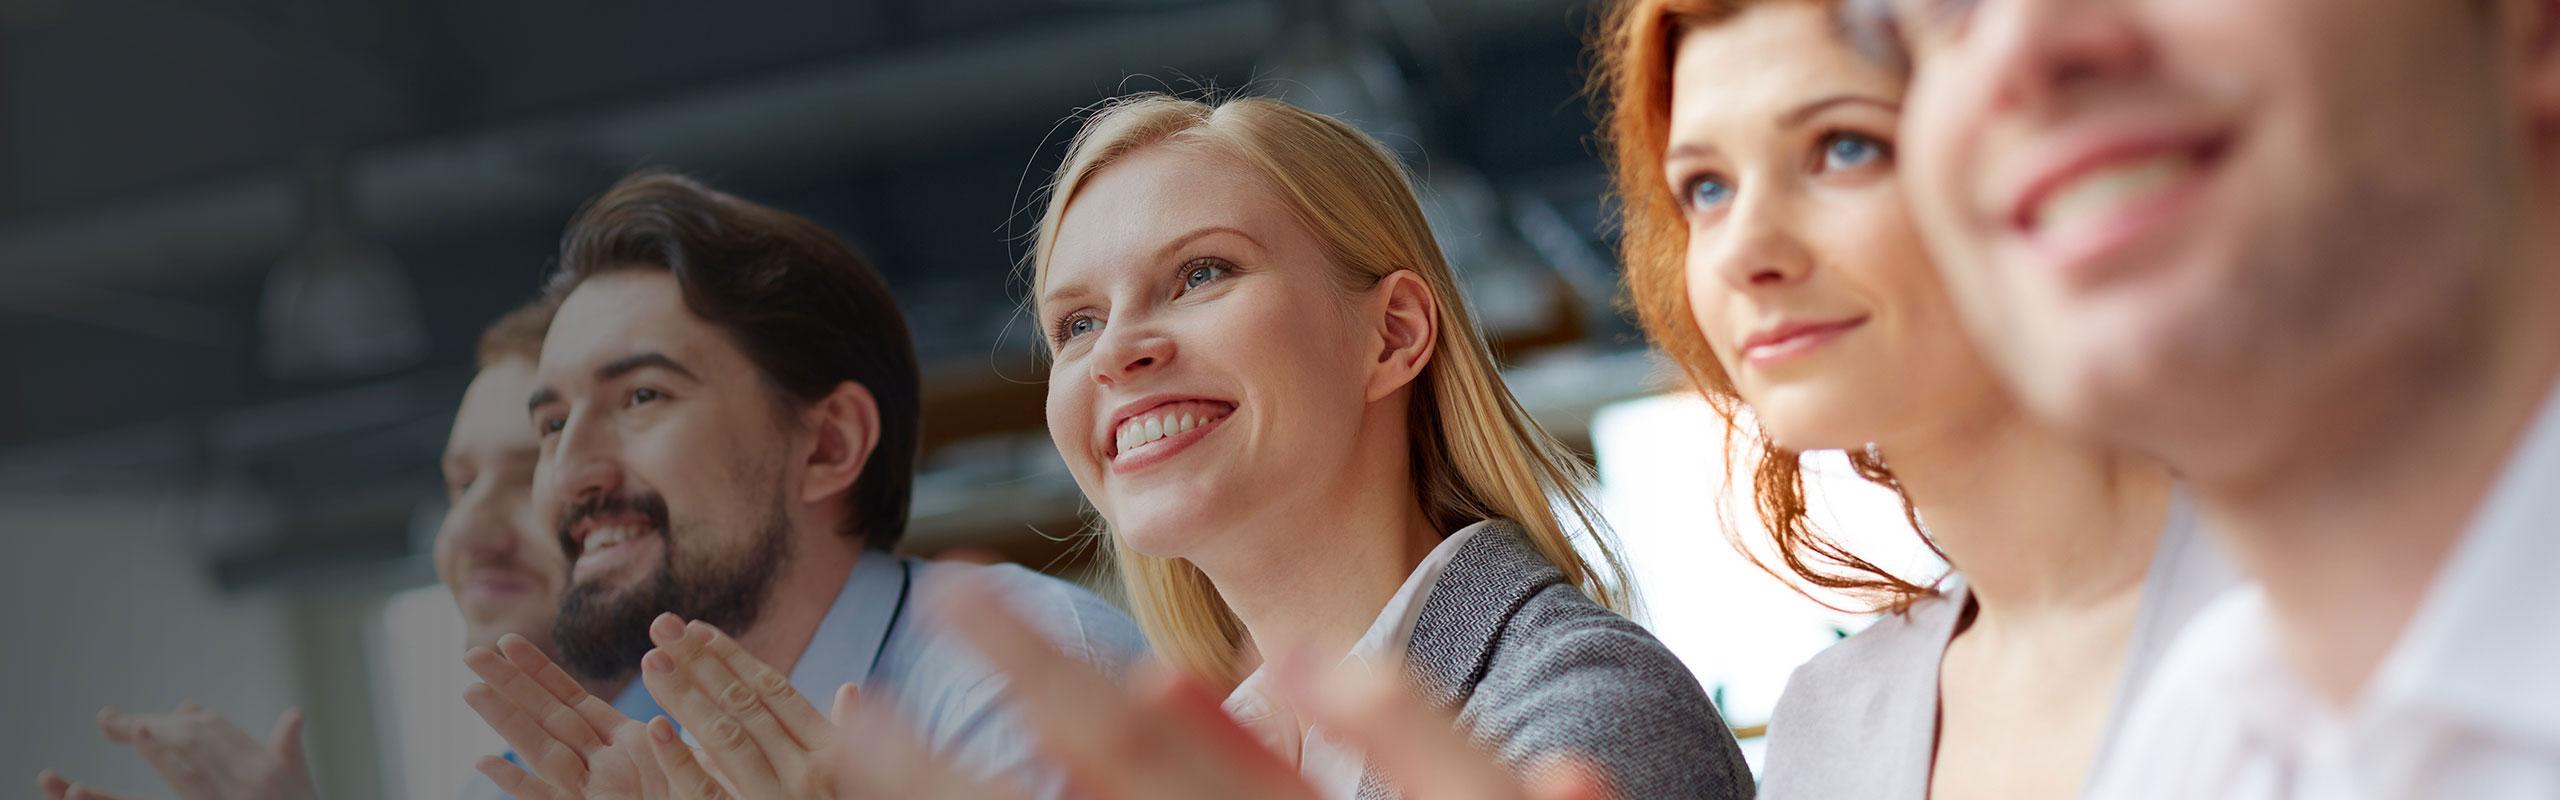 Diffondere il buonumore per ritrovare il sorriso for Assicurazione domestica